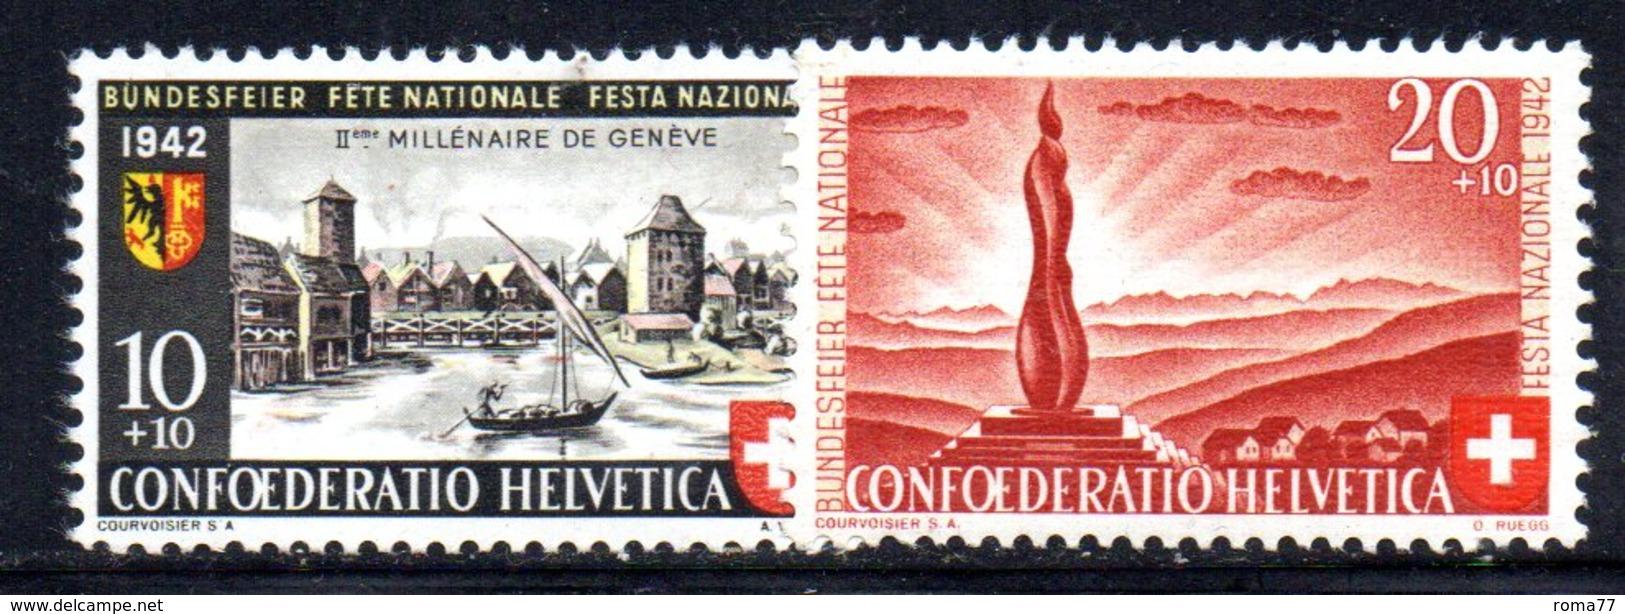 497/1500 - SVIZZERA 1942 , Pro Patria Serie Unificato N. 378/379  ***  MNH - Pro Patria